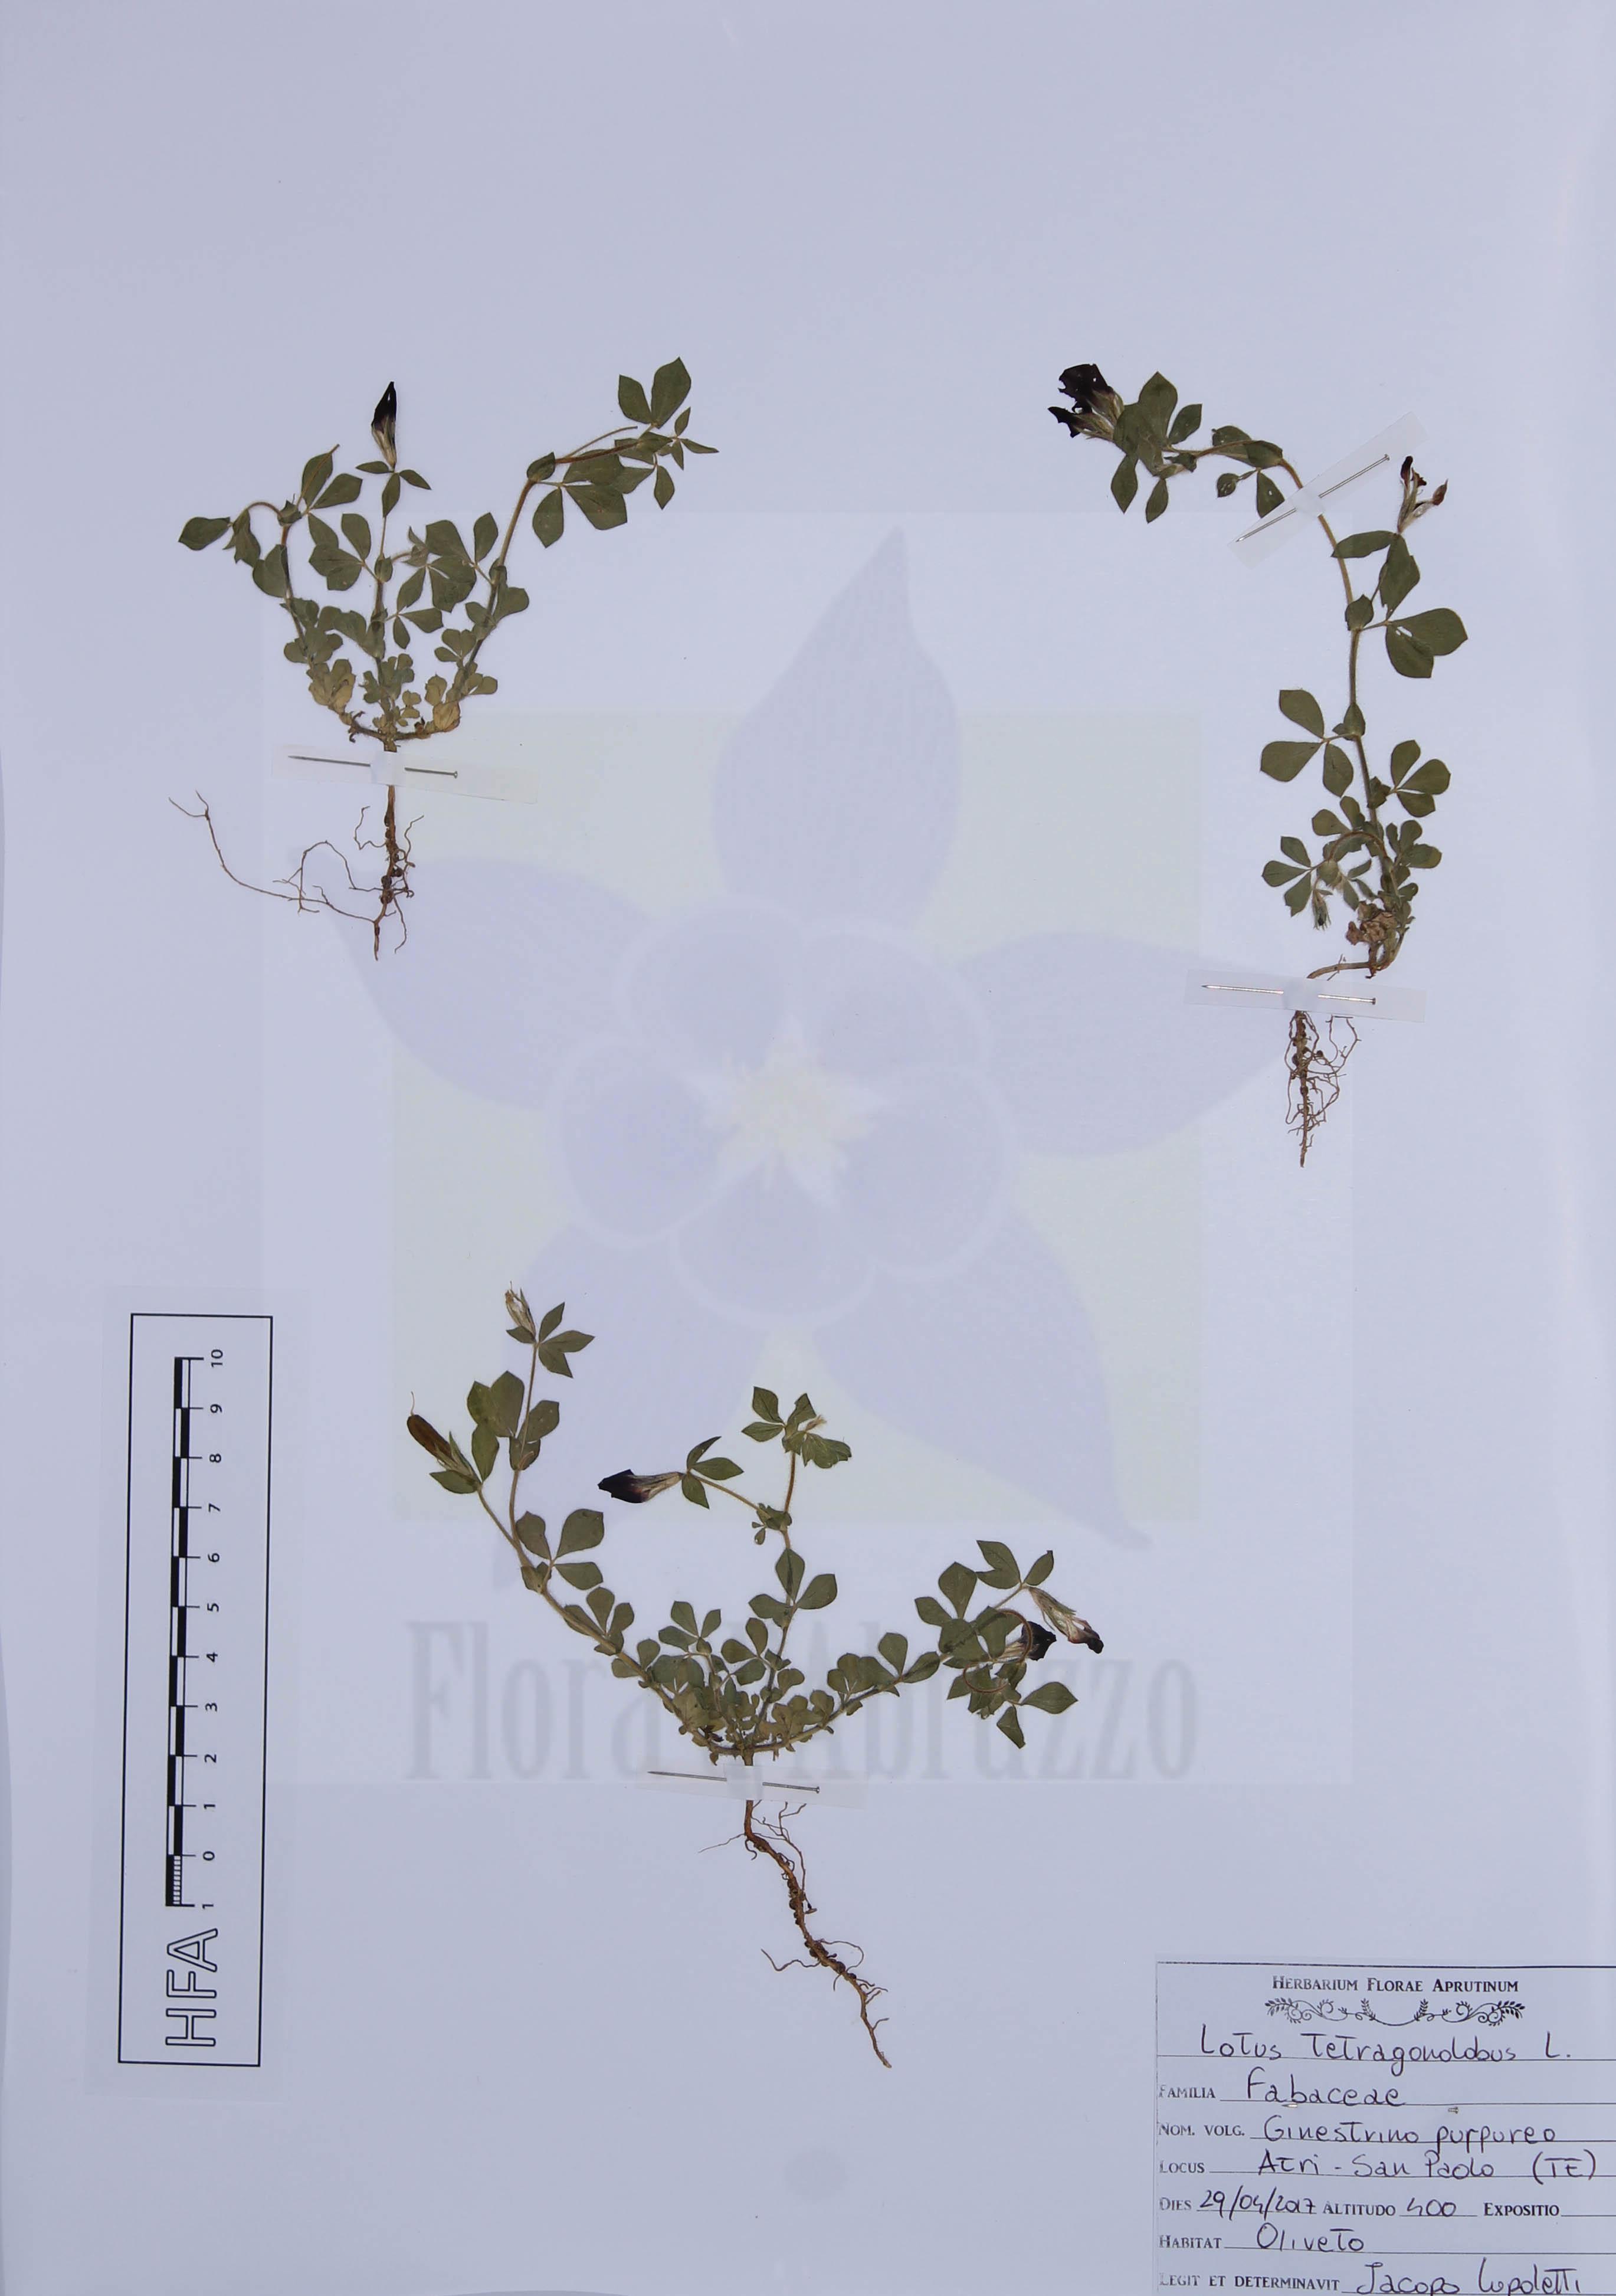 Lotus tetragonolobus L.